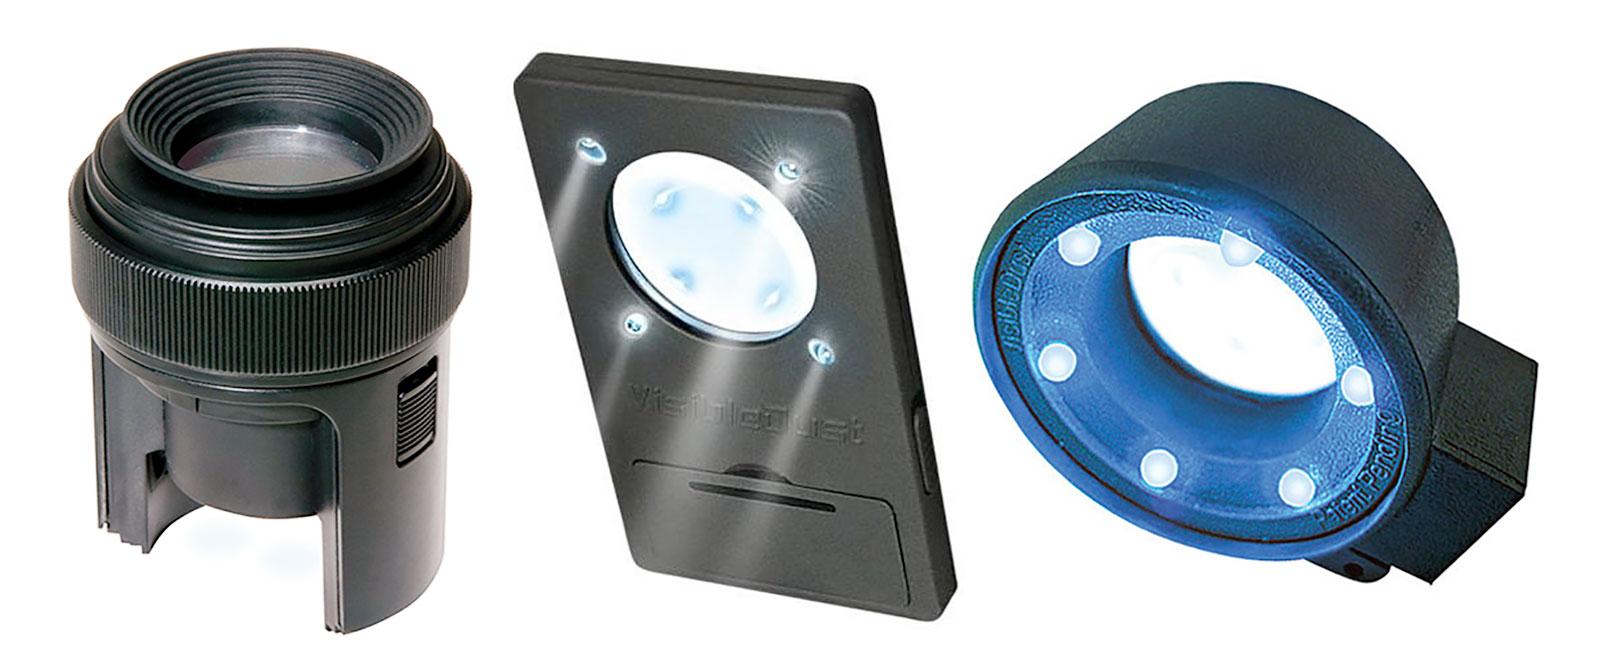 Lenspen VisibleDust Sensor Loupes